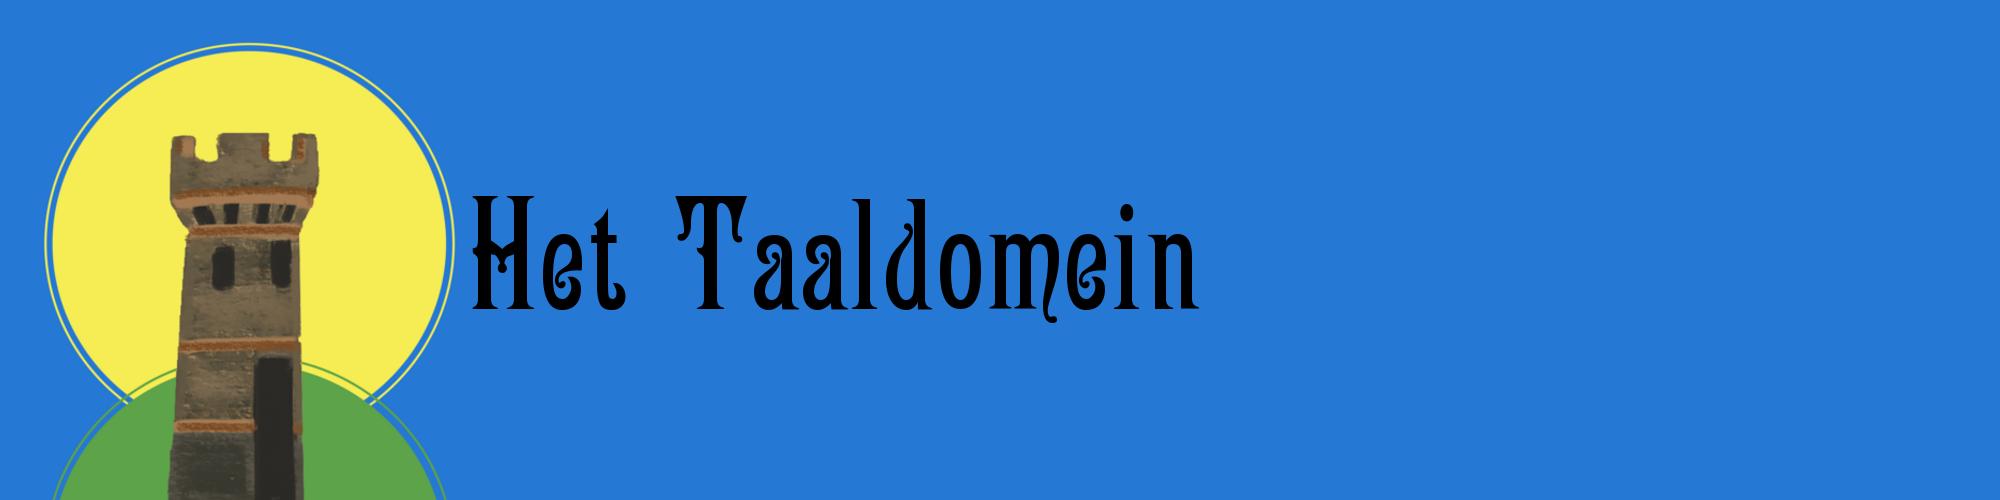 Het Taaldomein